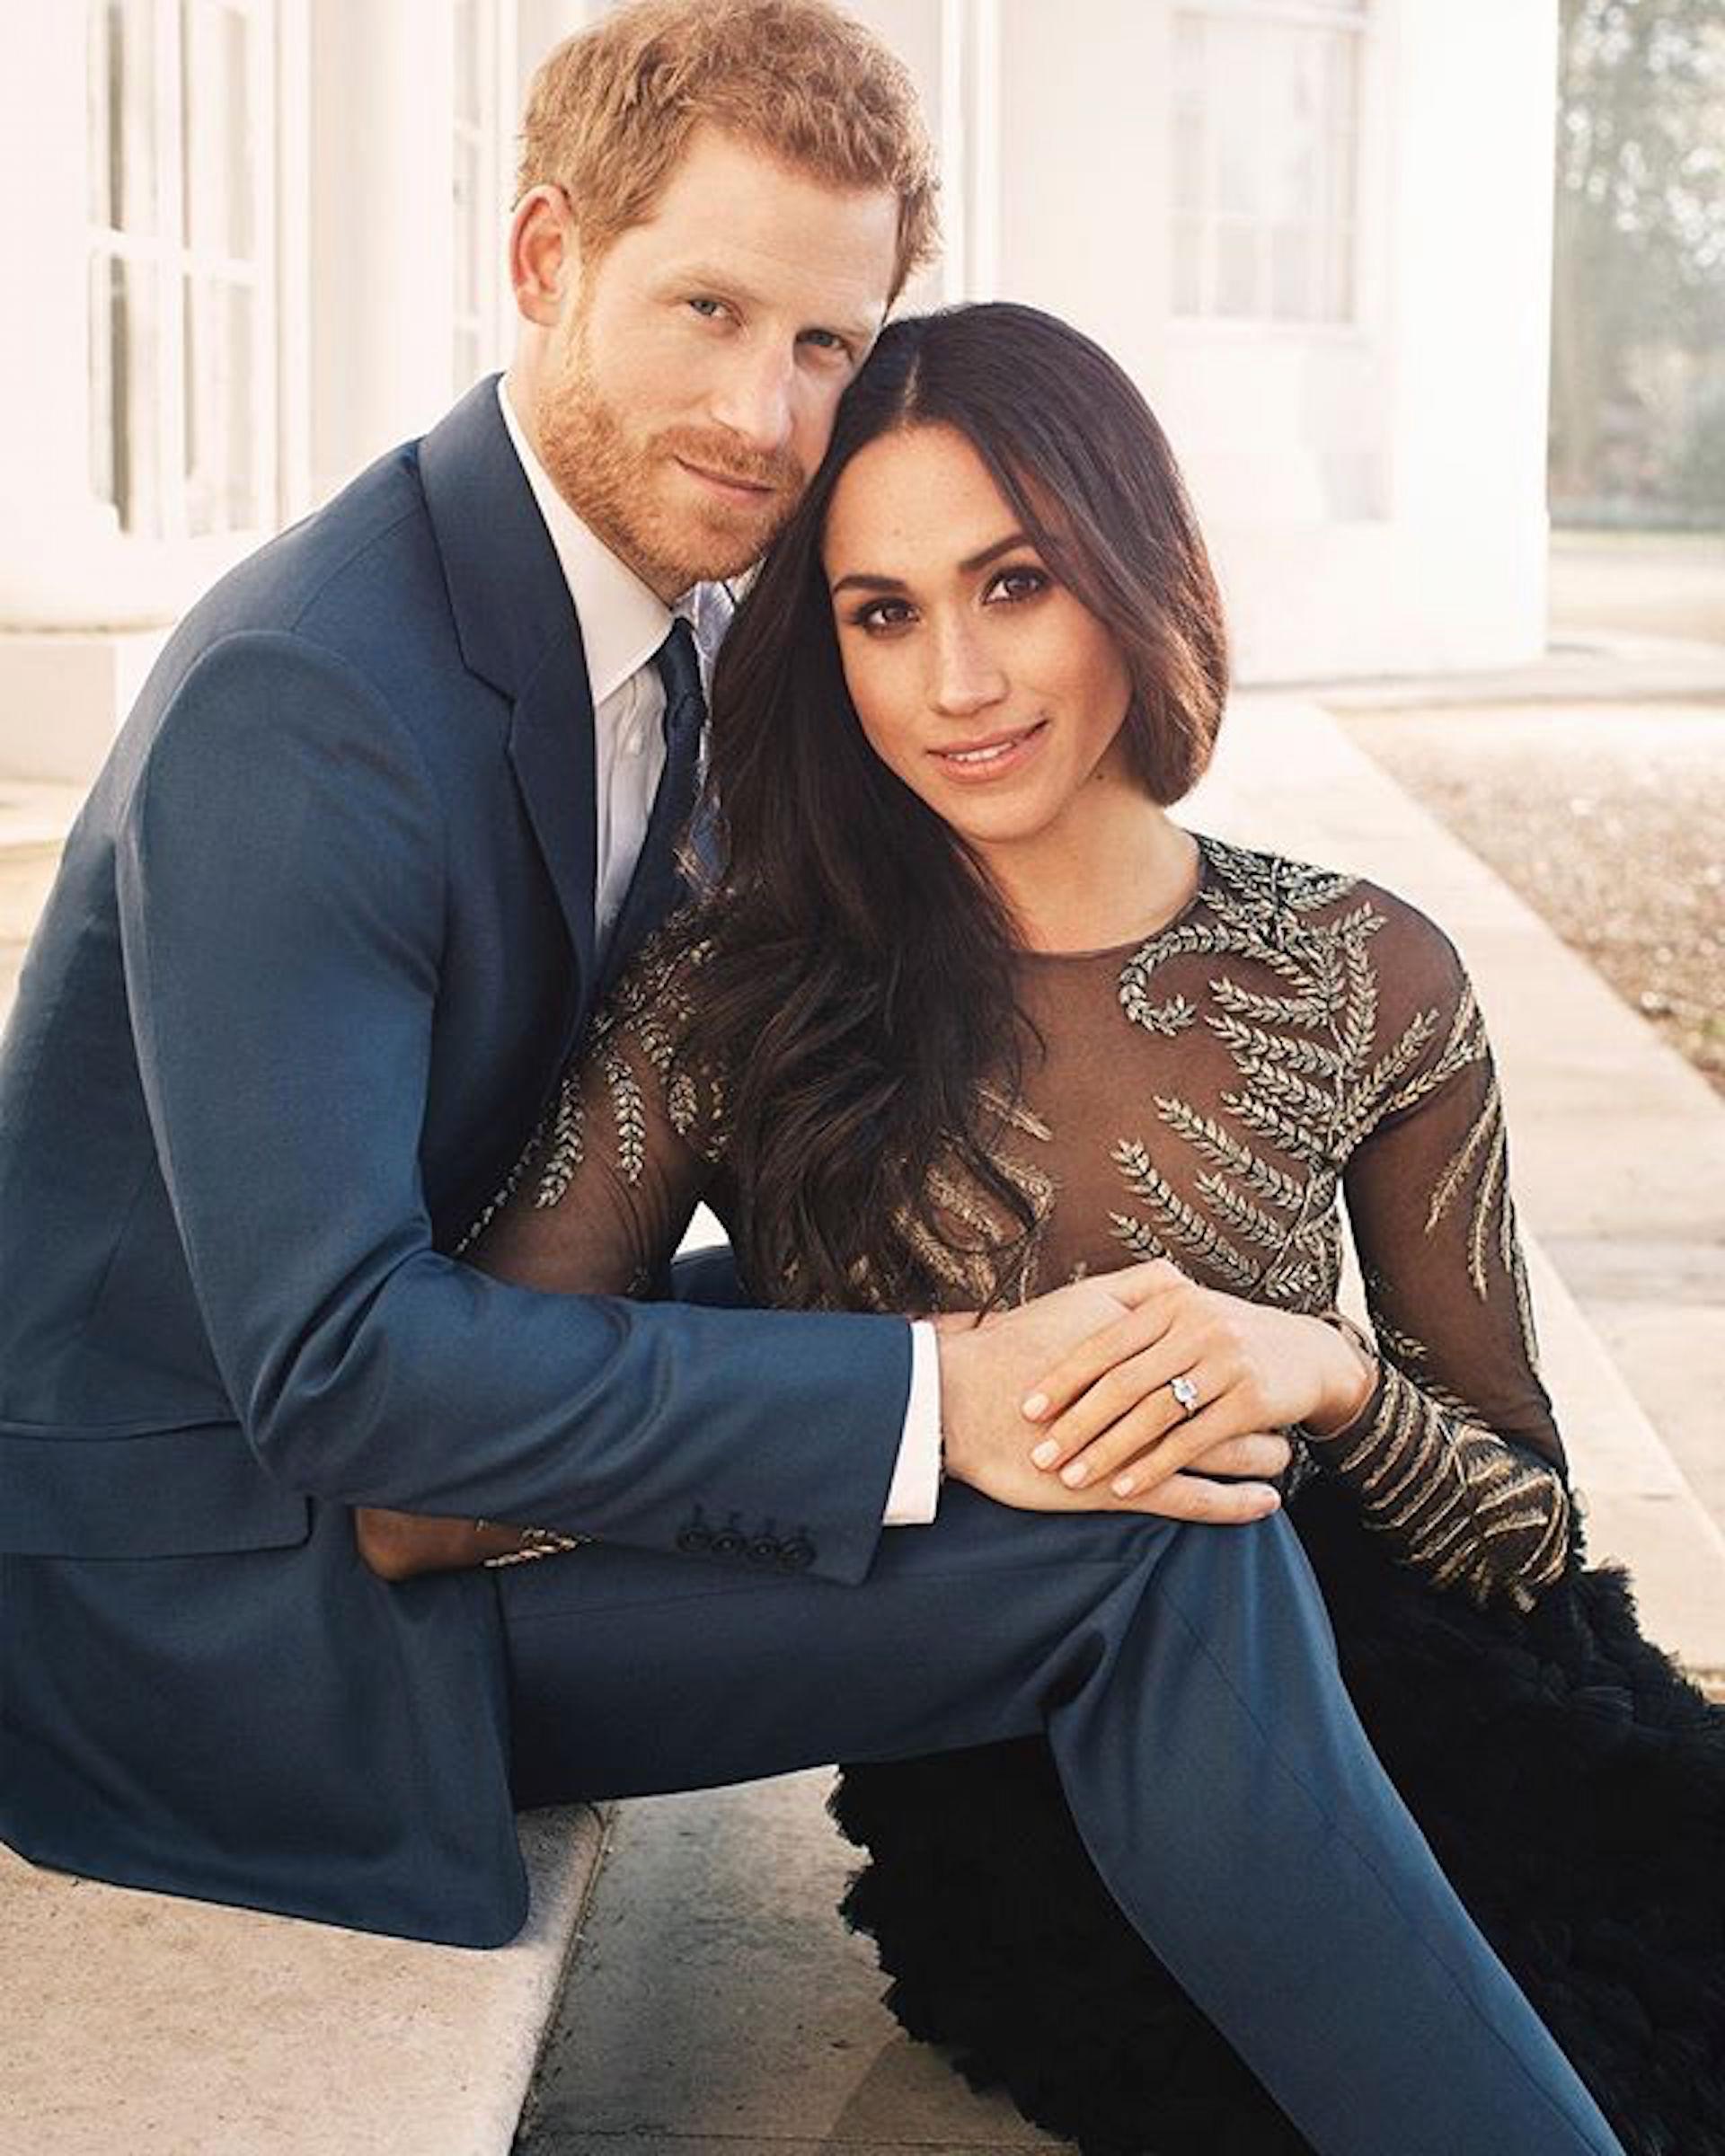 El príncipe Harry y Meghan Markle protagonistas de la última gran boda real de nuestra era.